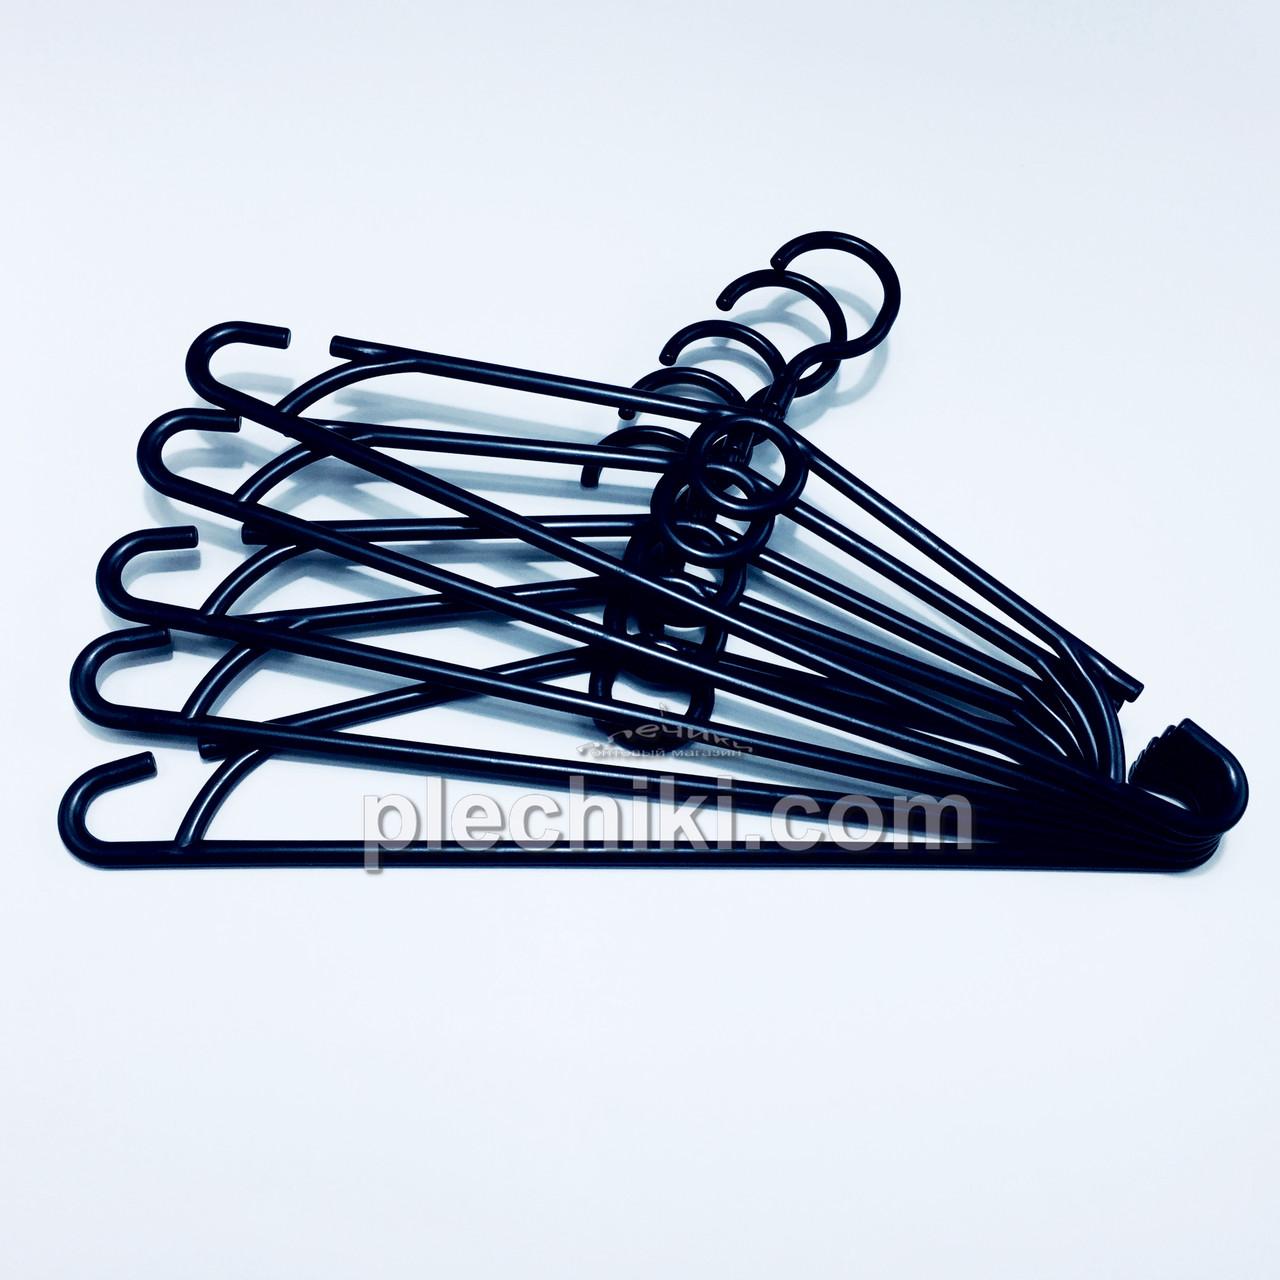 Пластмассовые плечики вешалки тремпеля для одежды W-S40 черного цвета, длина 400 мм